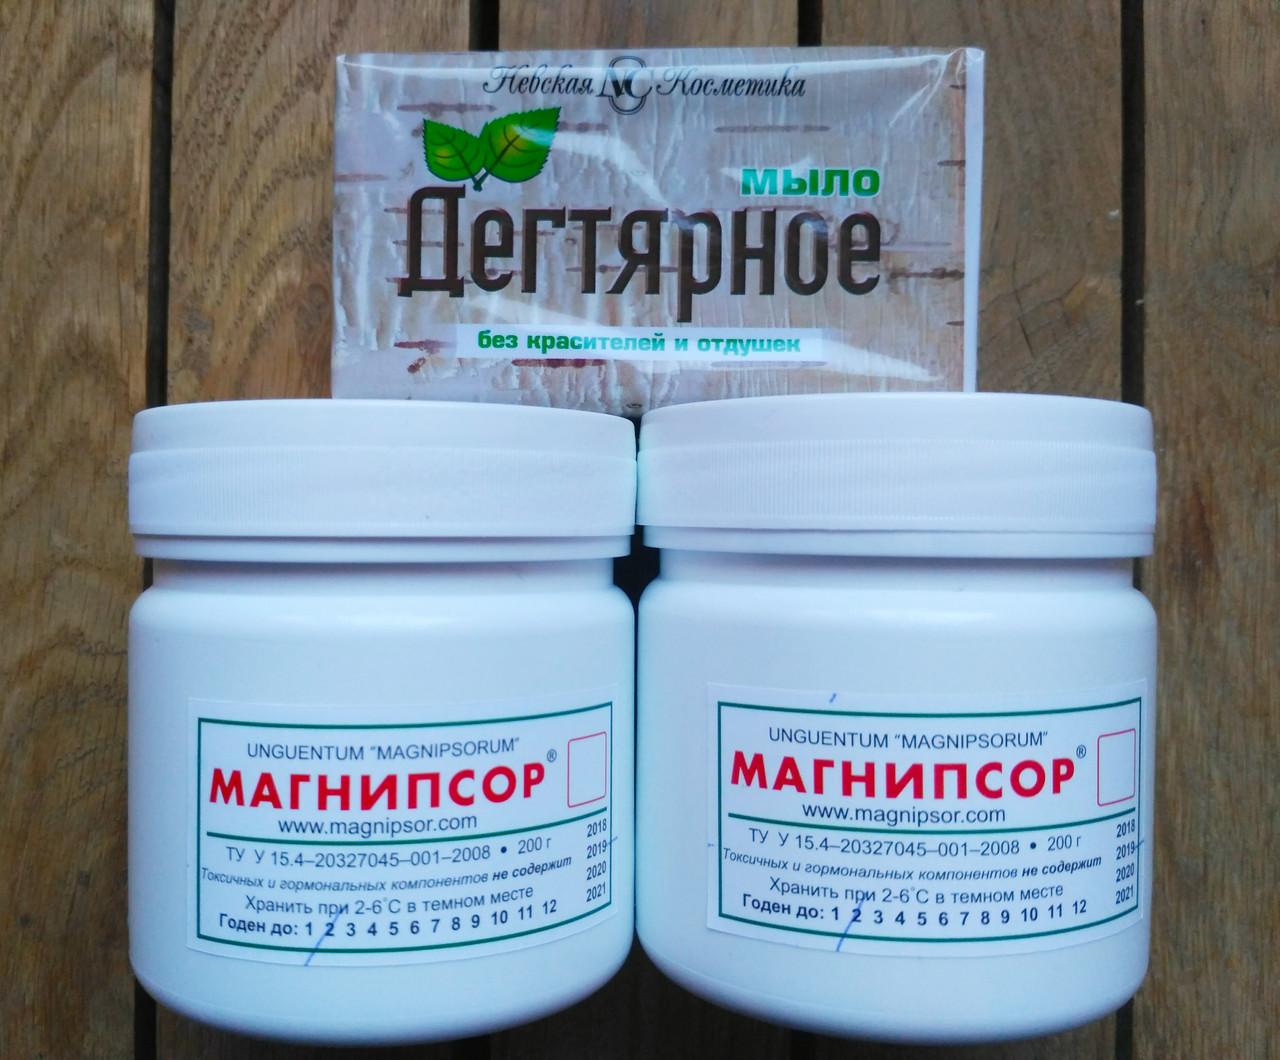 Магнипсор (200) 2 банки мази и в подарок Мыло твердое Дегтярное с берёзовым дегтем, 140 г. Набор